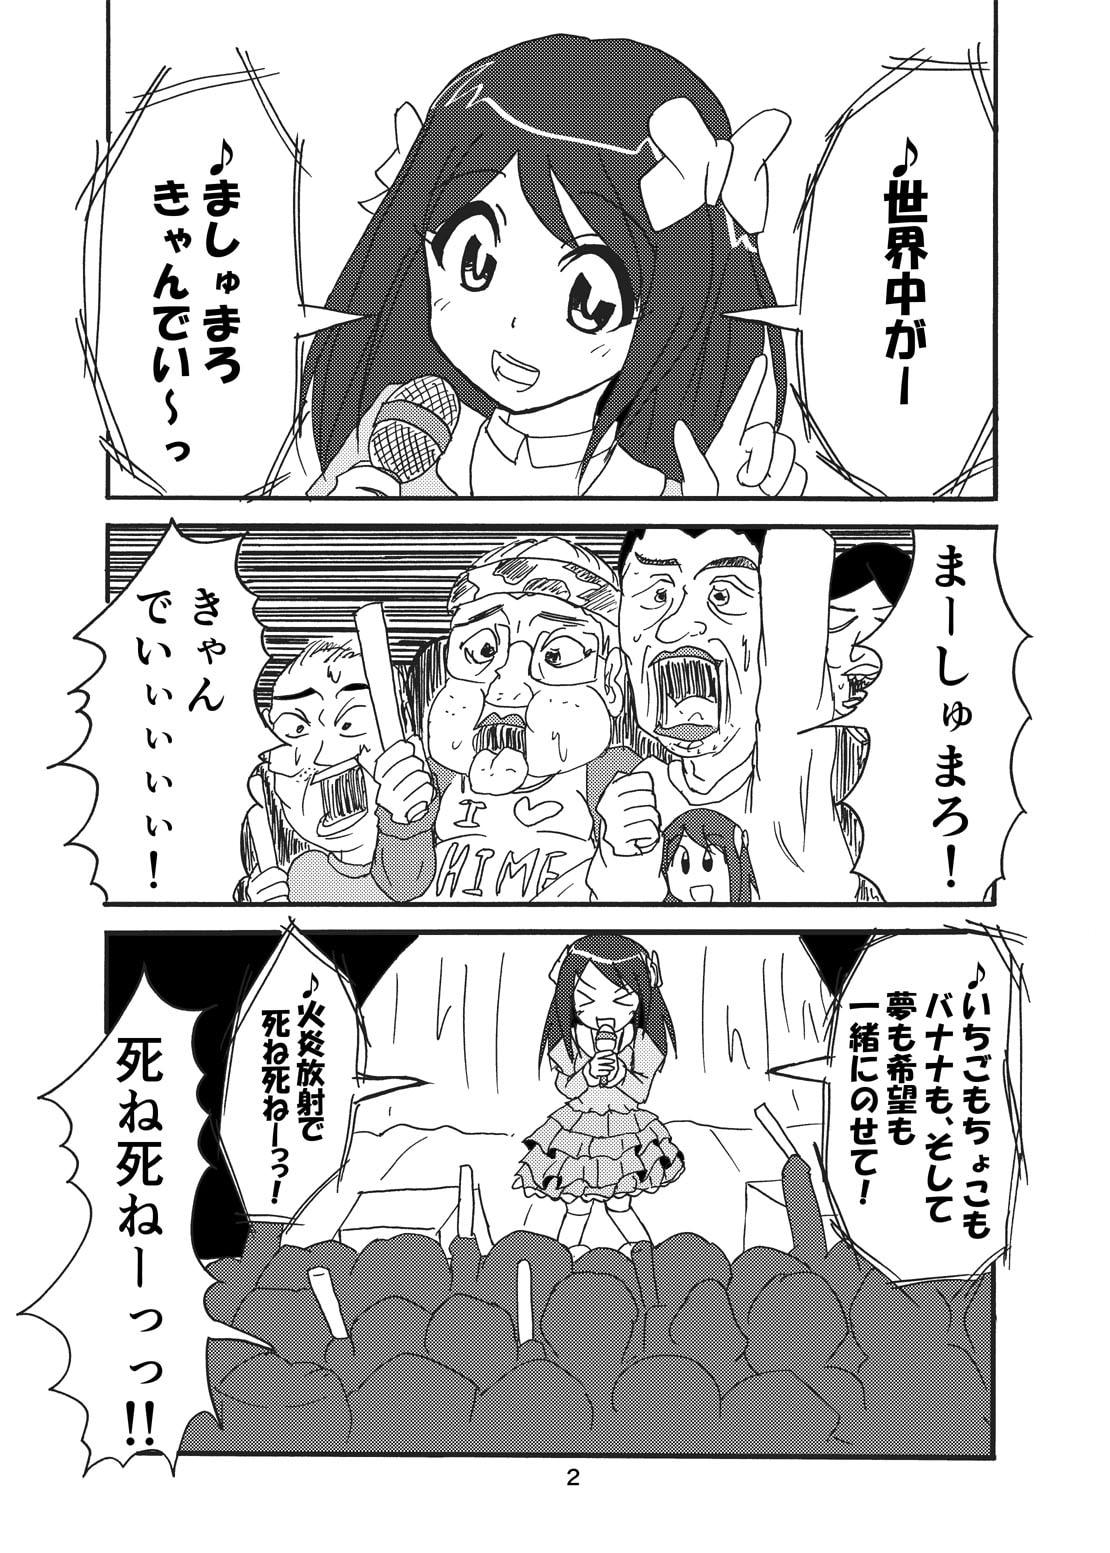 超人カズオ 第2話